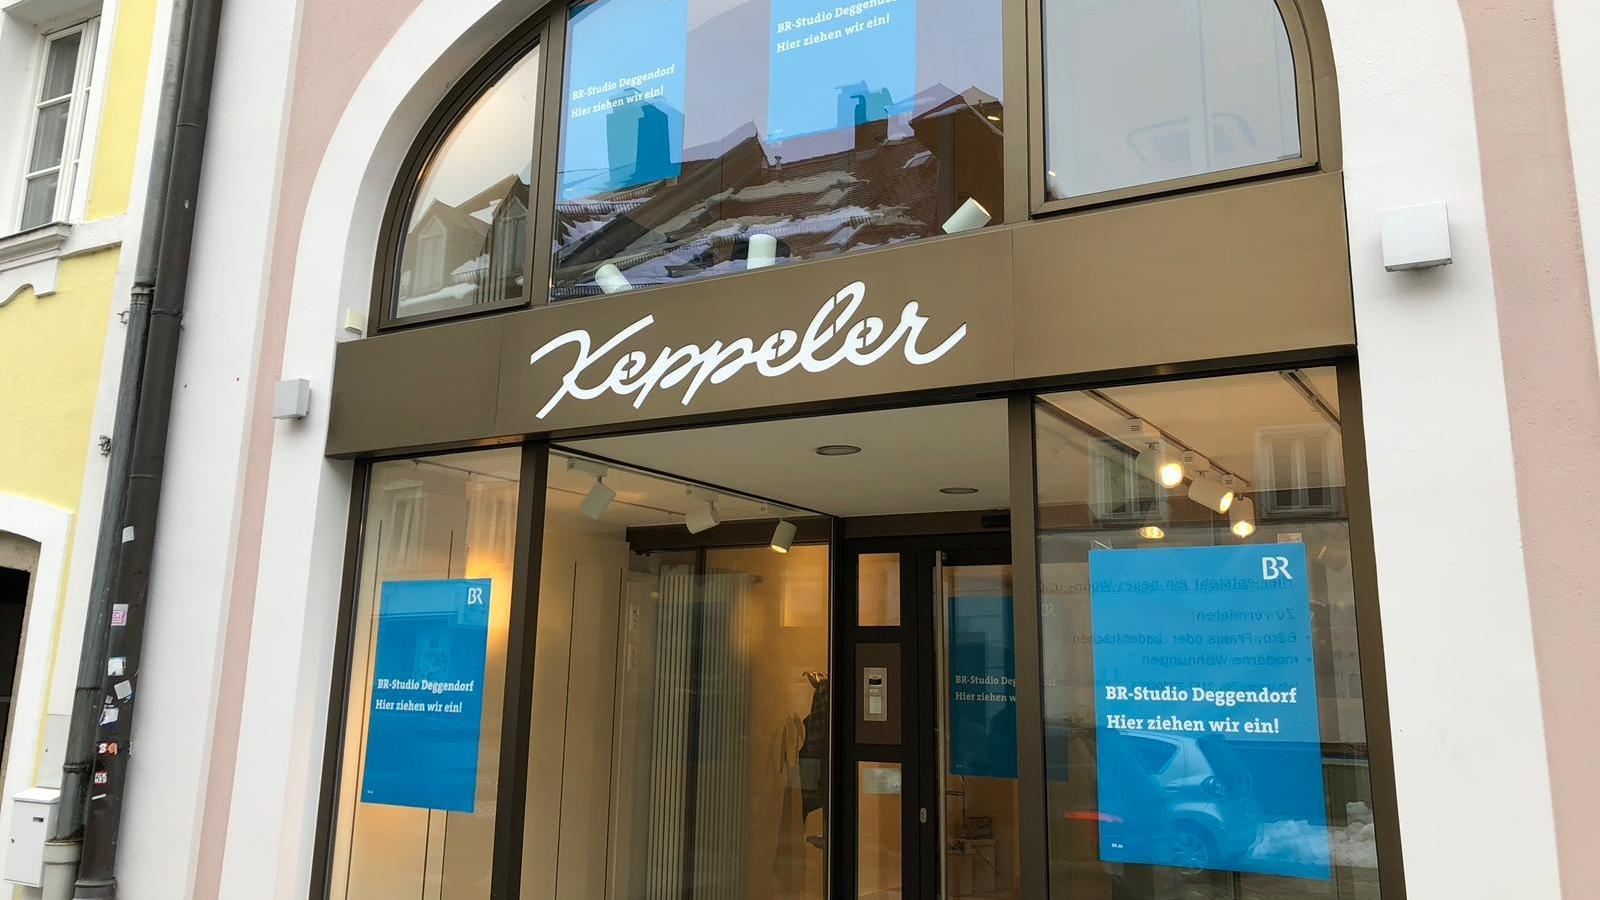 Vom Taschengeschäft zum BR - heute wird das neue Studio in Deggendorf eröffnet.